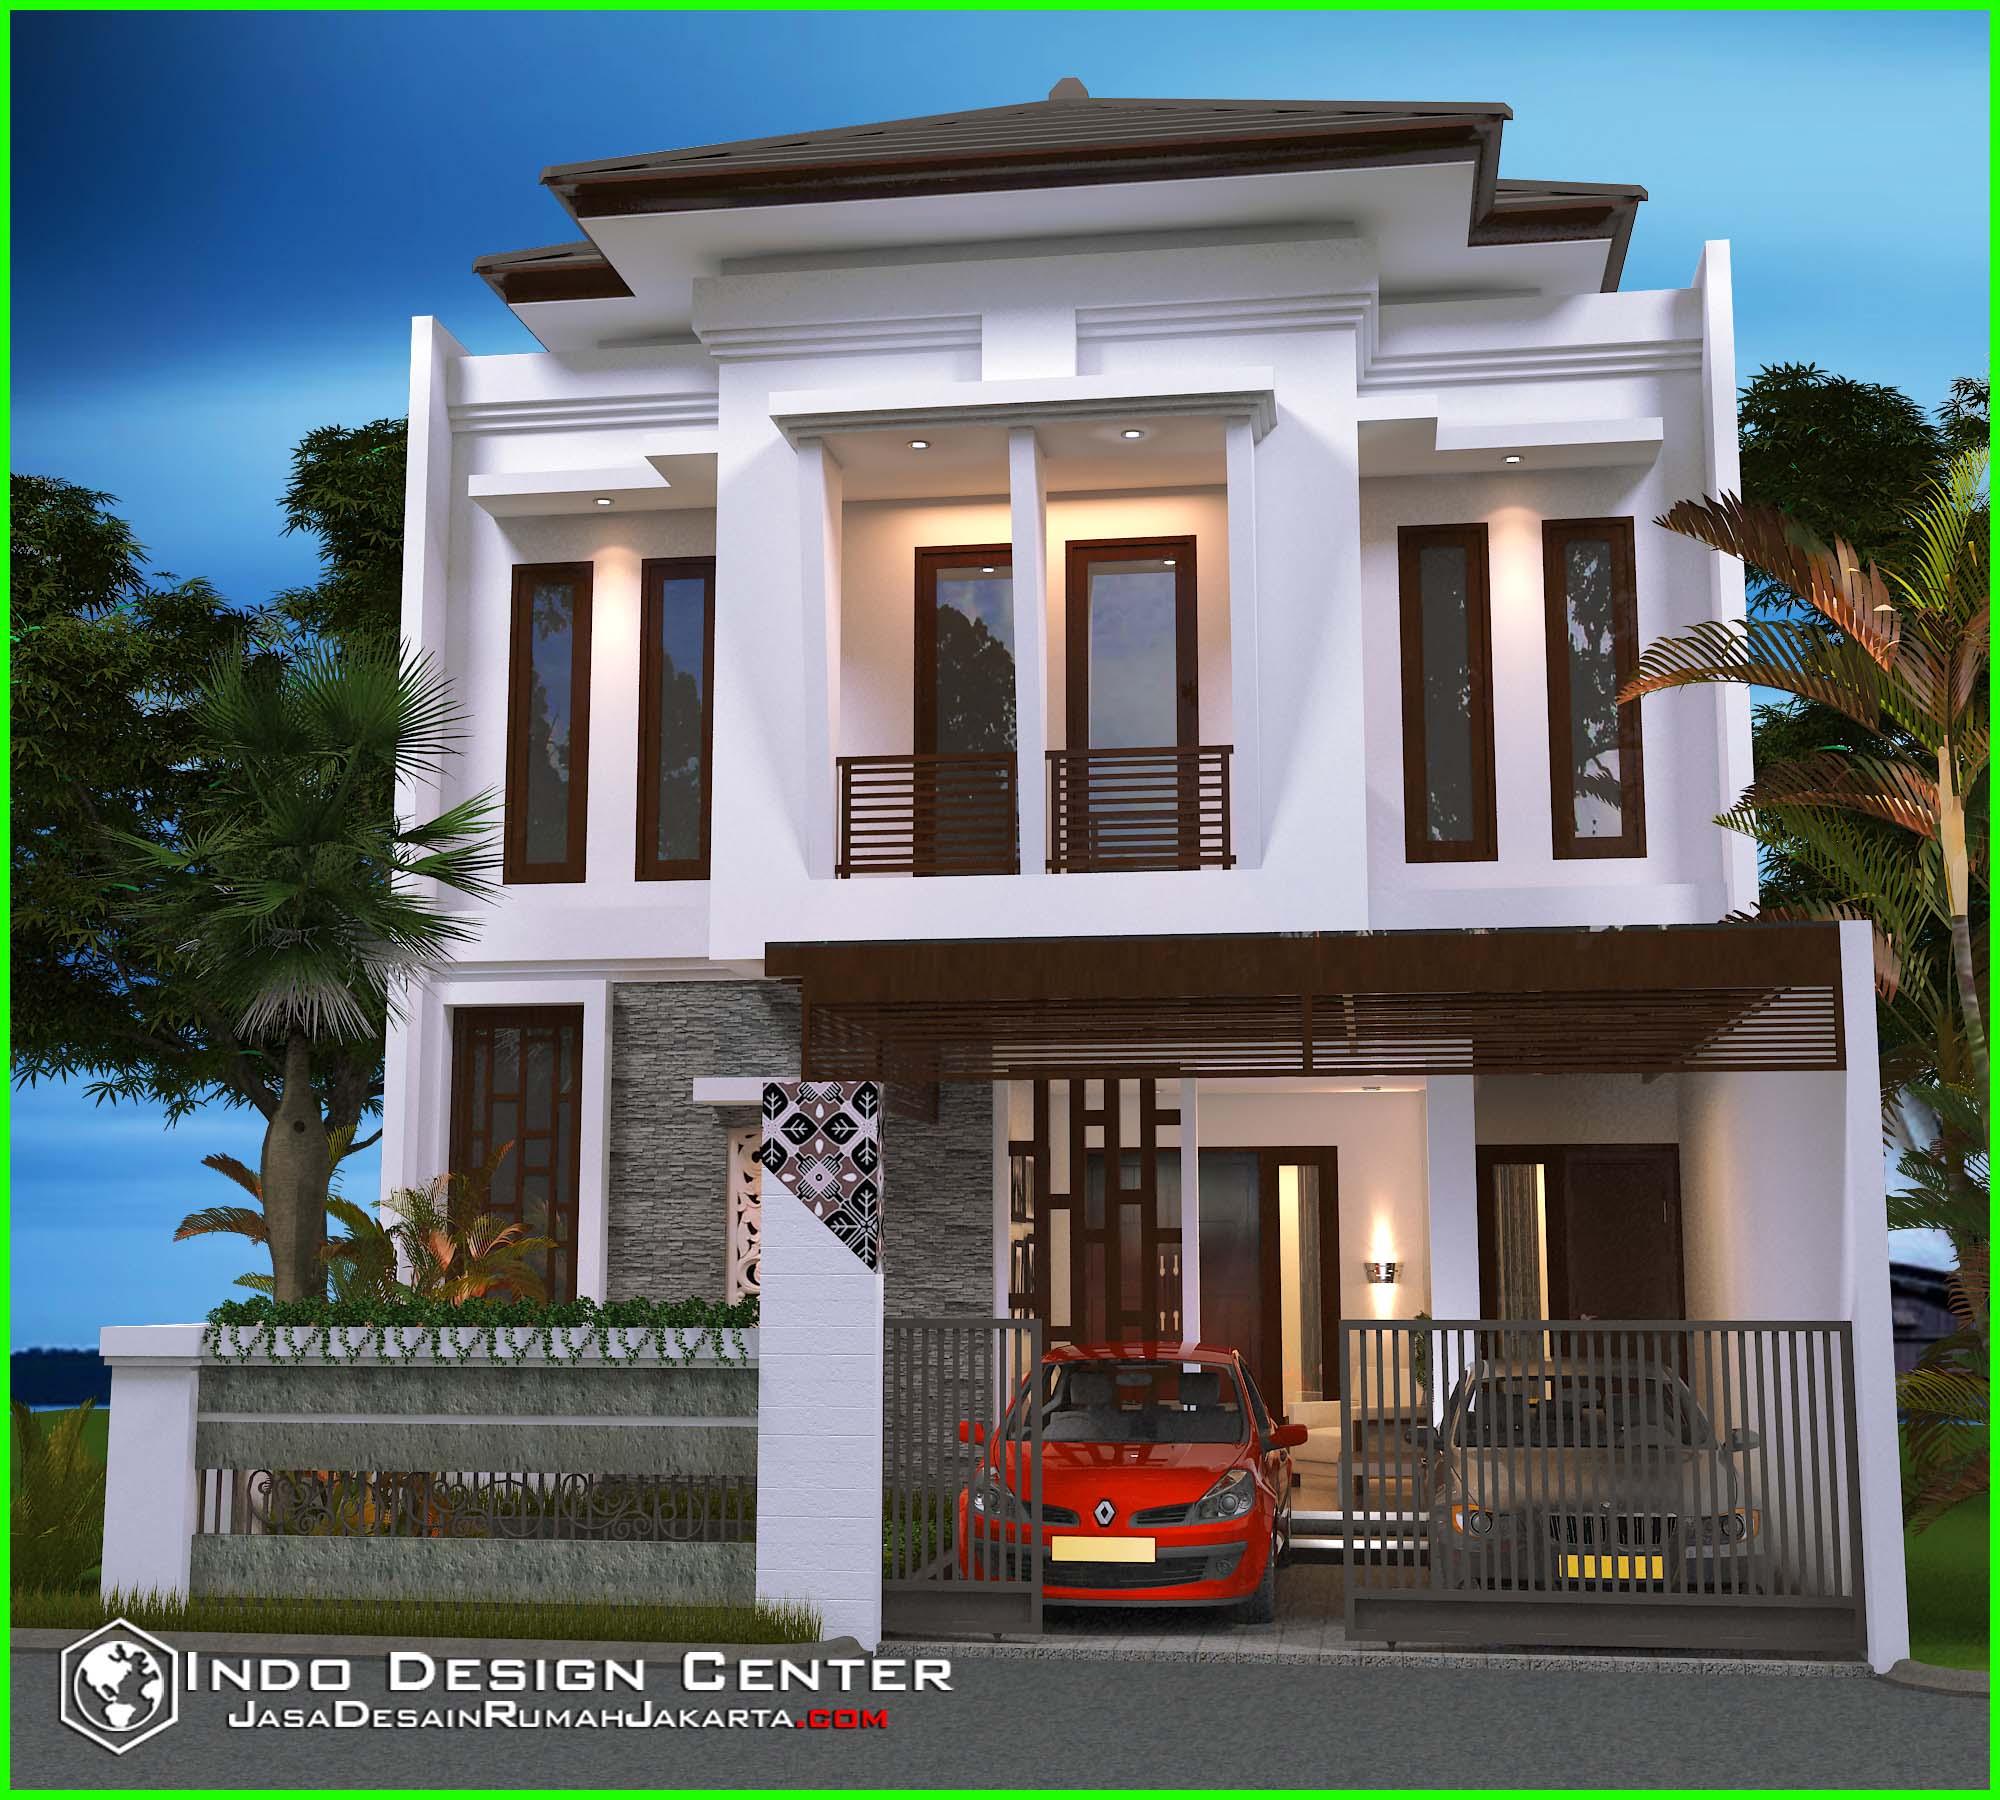 Contoh Karya Jasa Desain Rumah: Rumah Minimalis Berkonsep Villa Mewah, Jasa Desain Rumah